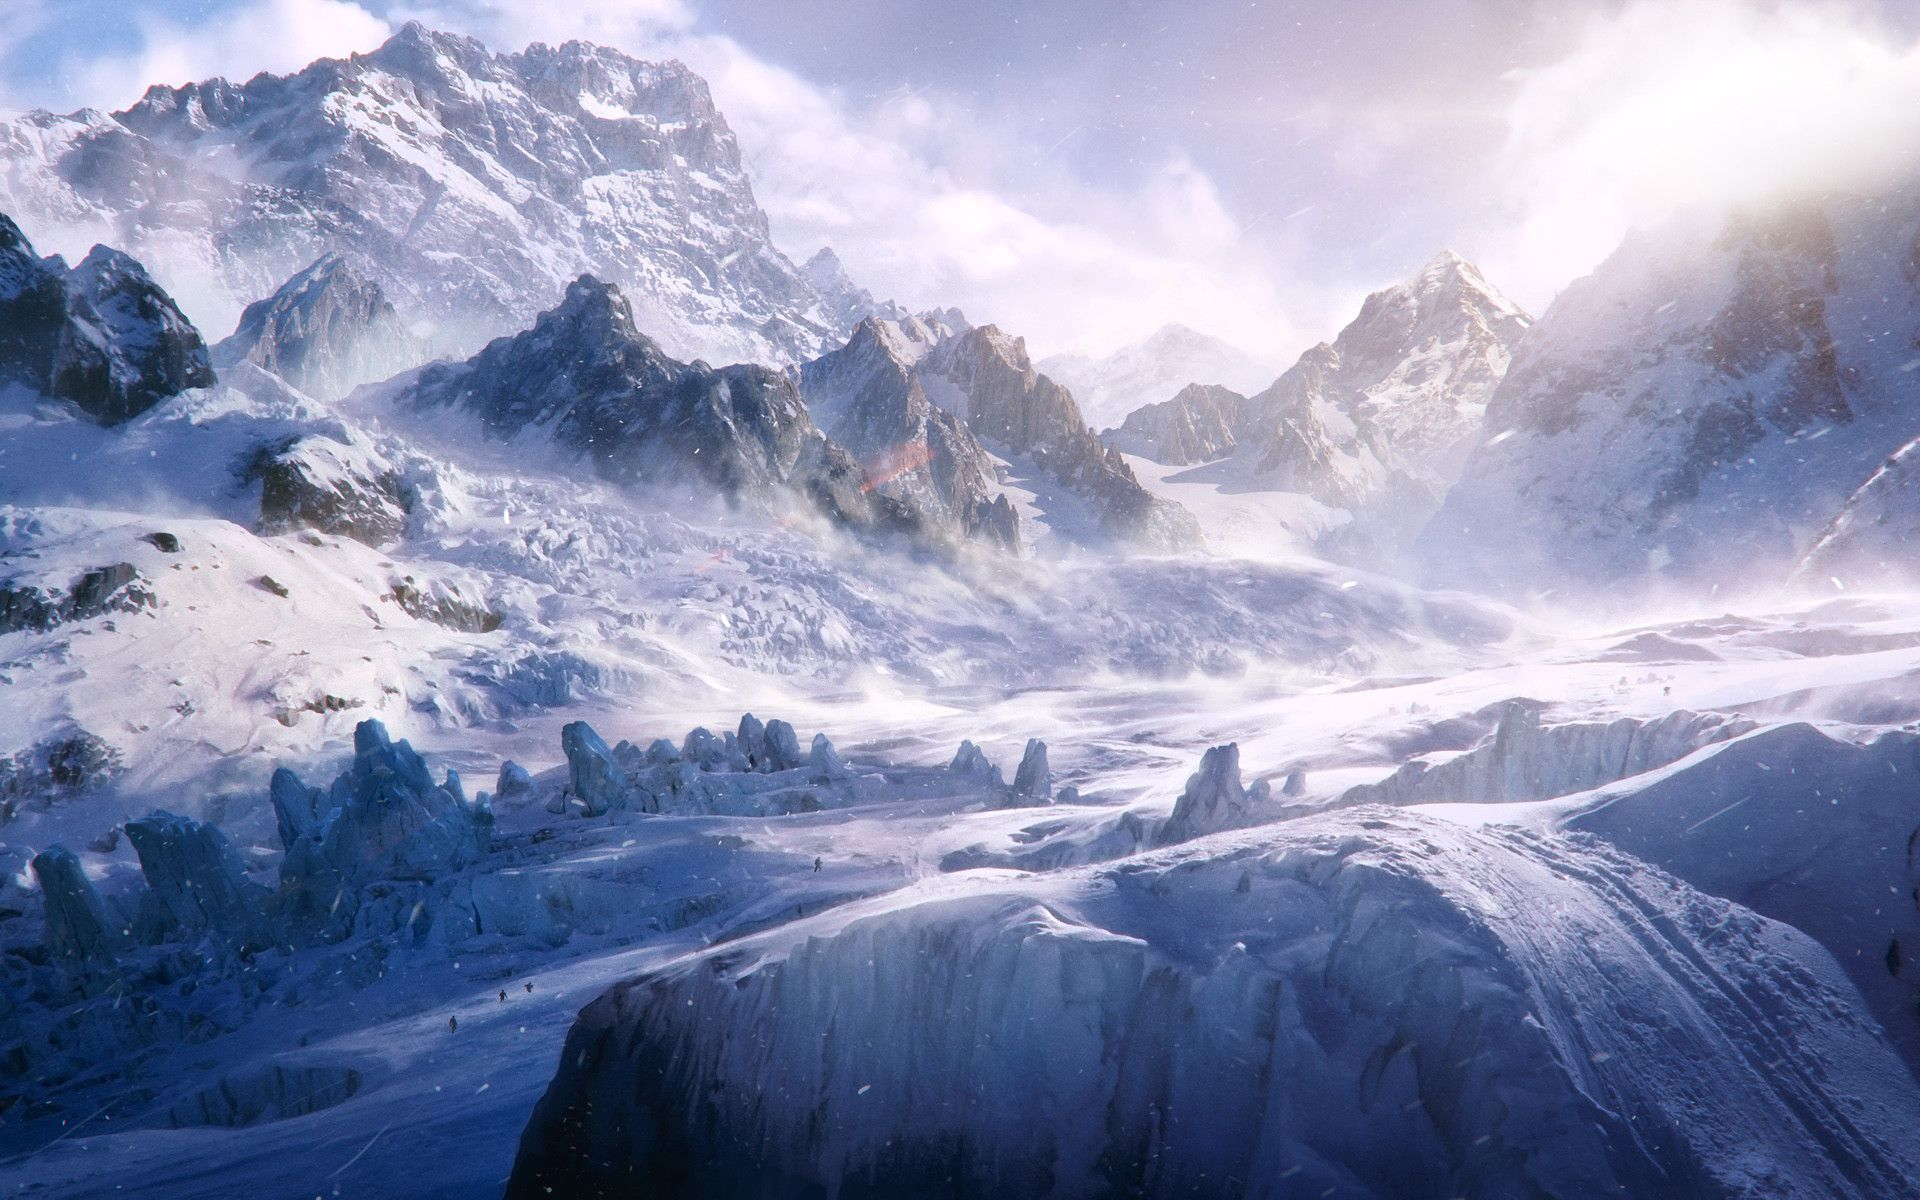 Frozen Tundra 1920 X 1200 Hd Landscape Beautiful Landscape Wallpaper Landscape Wallpaper